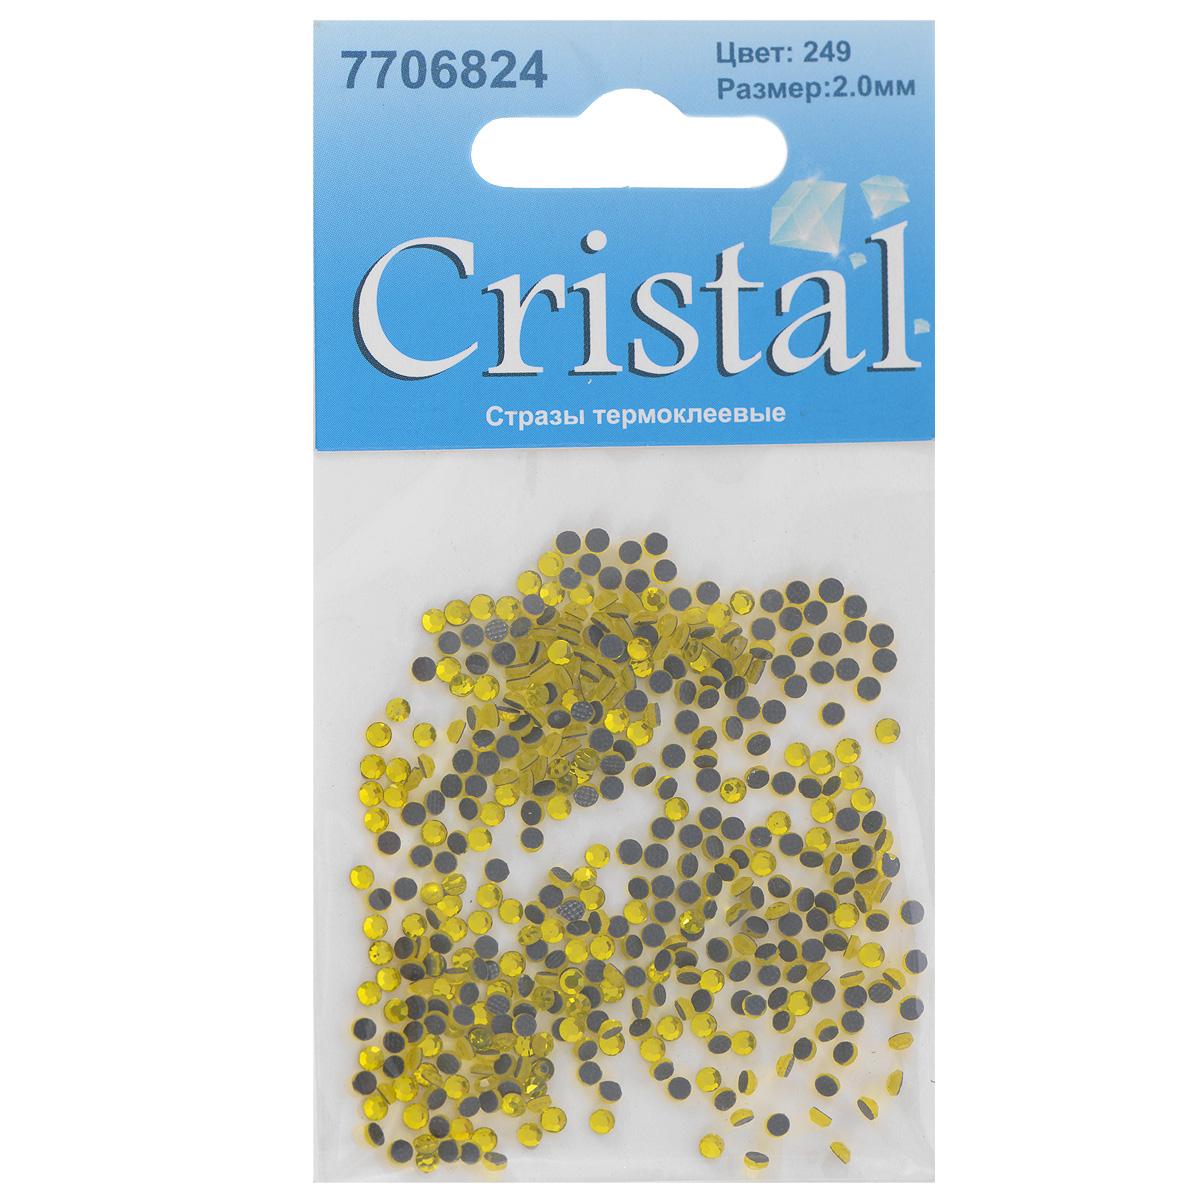 Стразы термоклеевые Cristal, цвет: желтый (249), диаметр 2 мм, 432 штC0042416Набор термоклеевых страз Cristal, изготовленный из высококачественного акрила, позволит вам украсить одежду, аксессуары или текстиль. Яркие стразы имеют плоское дно и круглую поверхность с гранями.Дно термоклеевых страз уже обработано особым клеем, который под воздействием высоких температур начинает плавиться, приклеиваясь, таким образом, к требуемой поверхности. Чаще всего их используют в текстильной промышленности: стразы прикладывают к ткани и проглаживают утюгом с обратной стороны. Также можно использовать специальный паяльник. Украшение стразами поможет сделать любую вещь оригинальной и неповторимой. Диаметр страз: 2 мм.